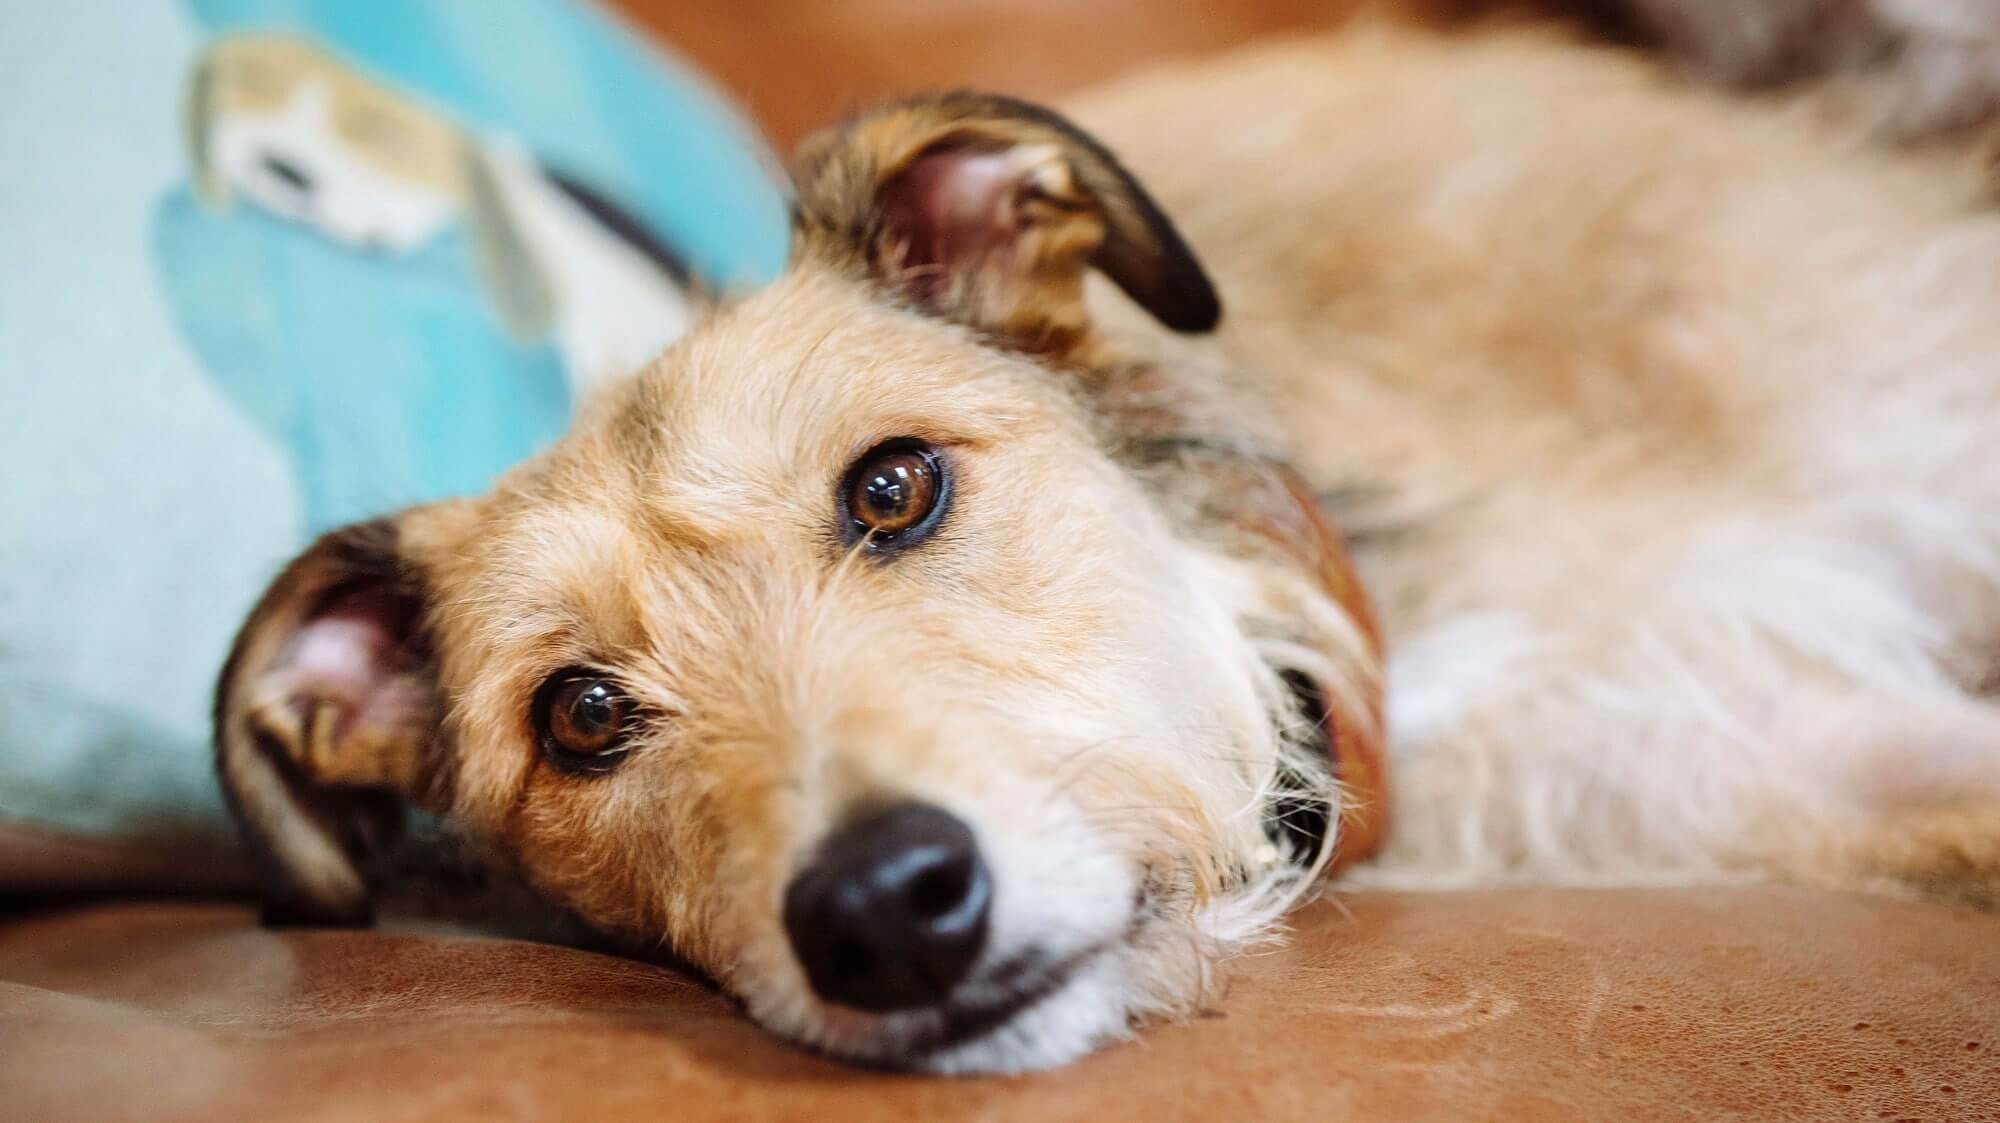 Thay đổi môi trường sống cũng khiến chó bị stress kéo dài